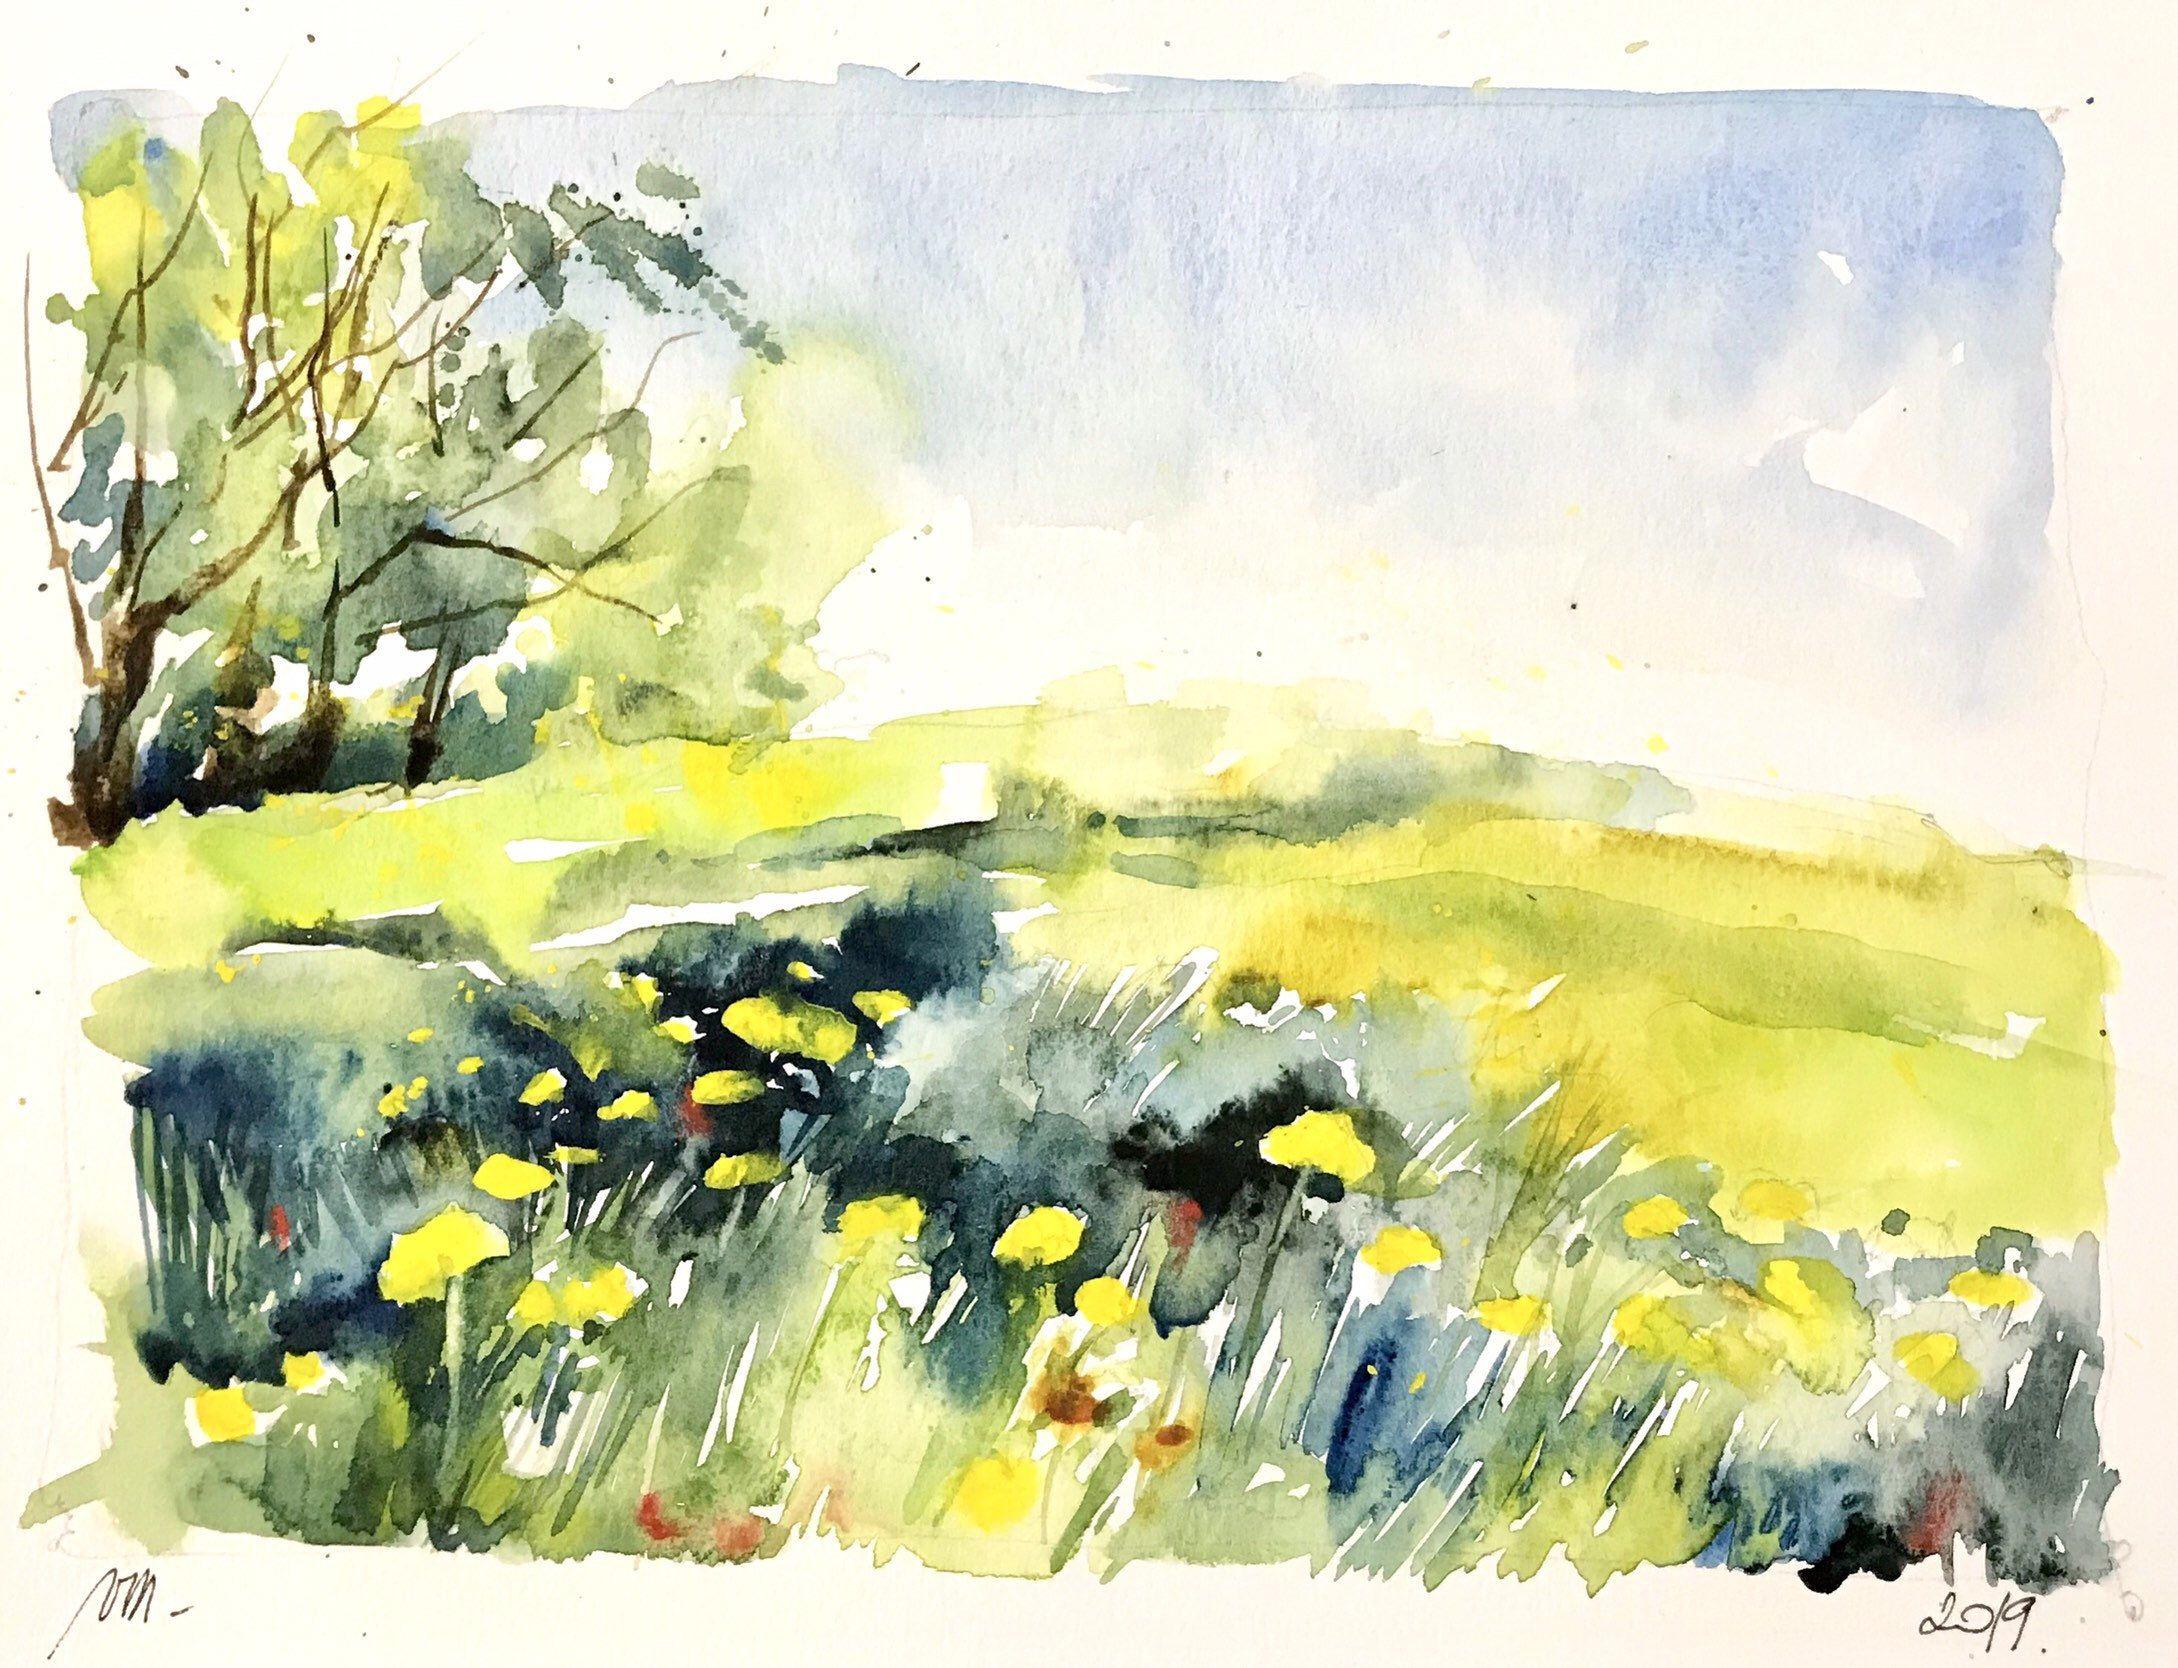 Aquarelle Peinture Originale Les Fleurs De Pissenlits Au